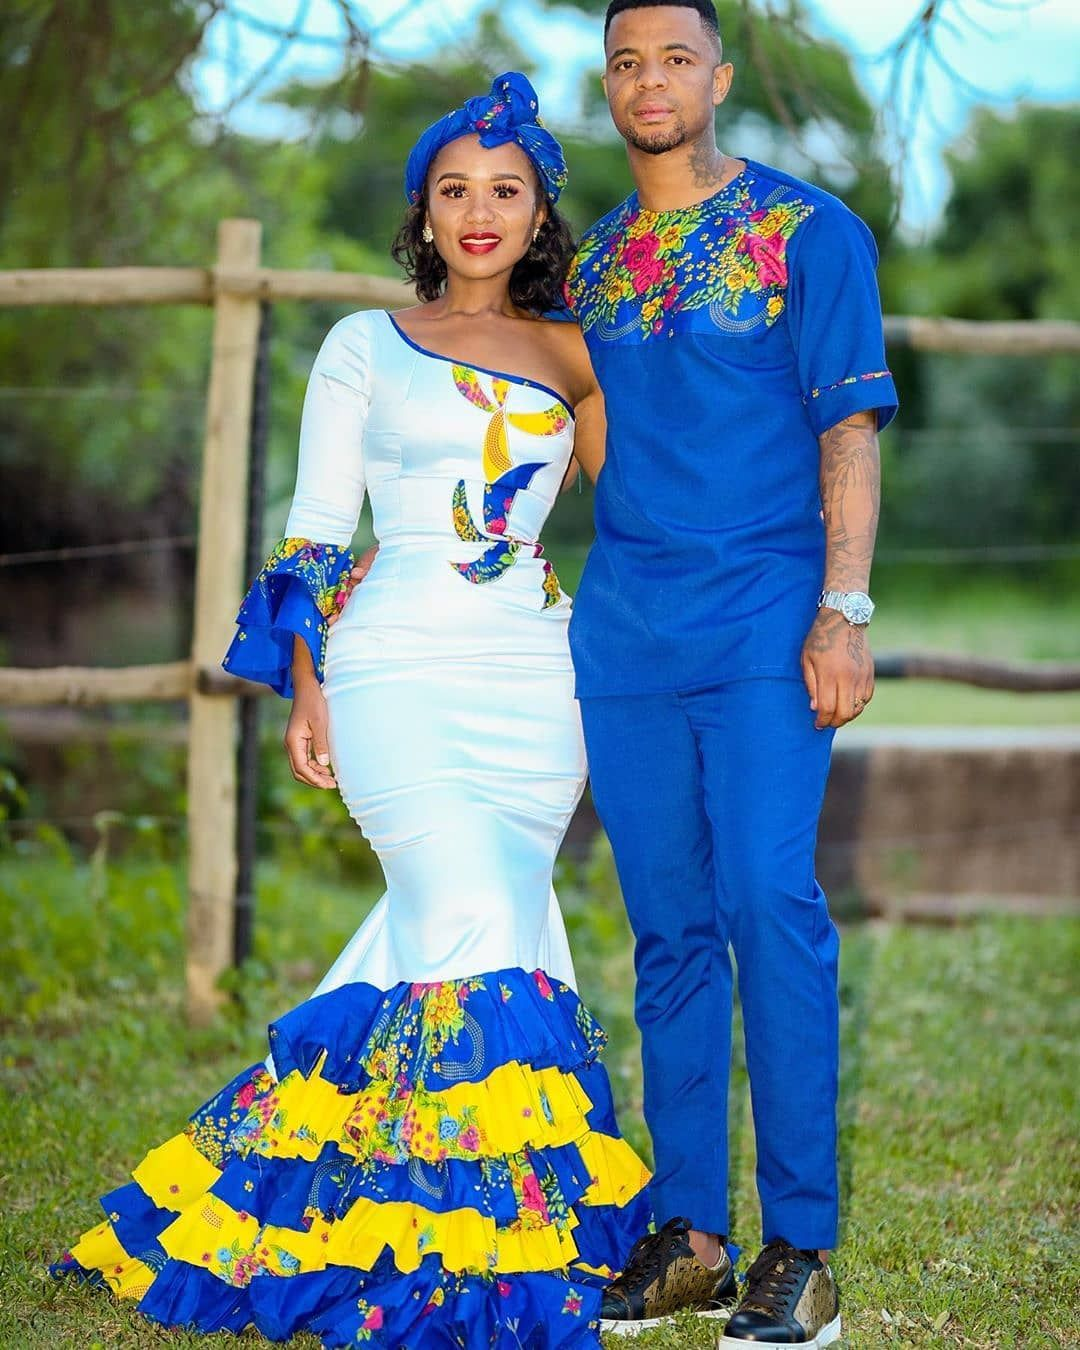 Shweshwe Traditional Dress Styles For Wedding African Traditional Wedding Dress African Traditional Dresses Traditional Dresses [ 1350 x 1080 Pixel ]